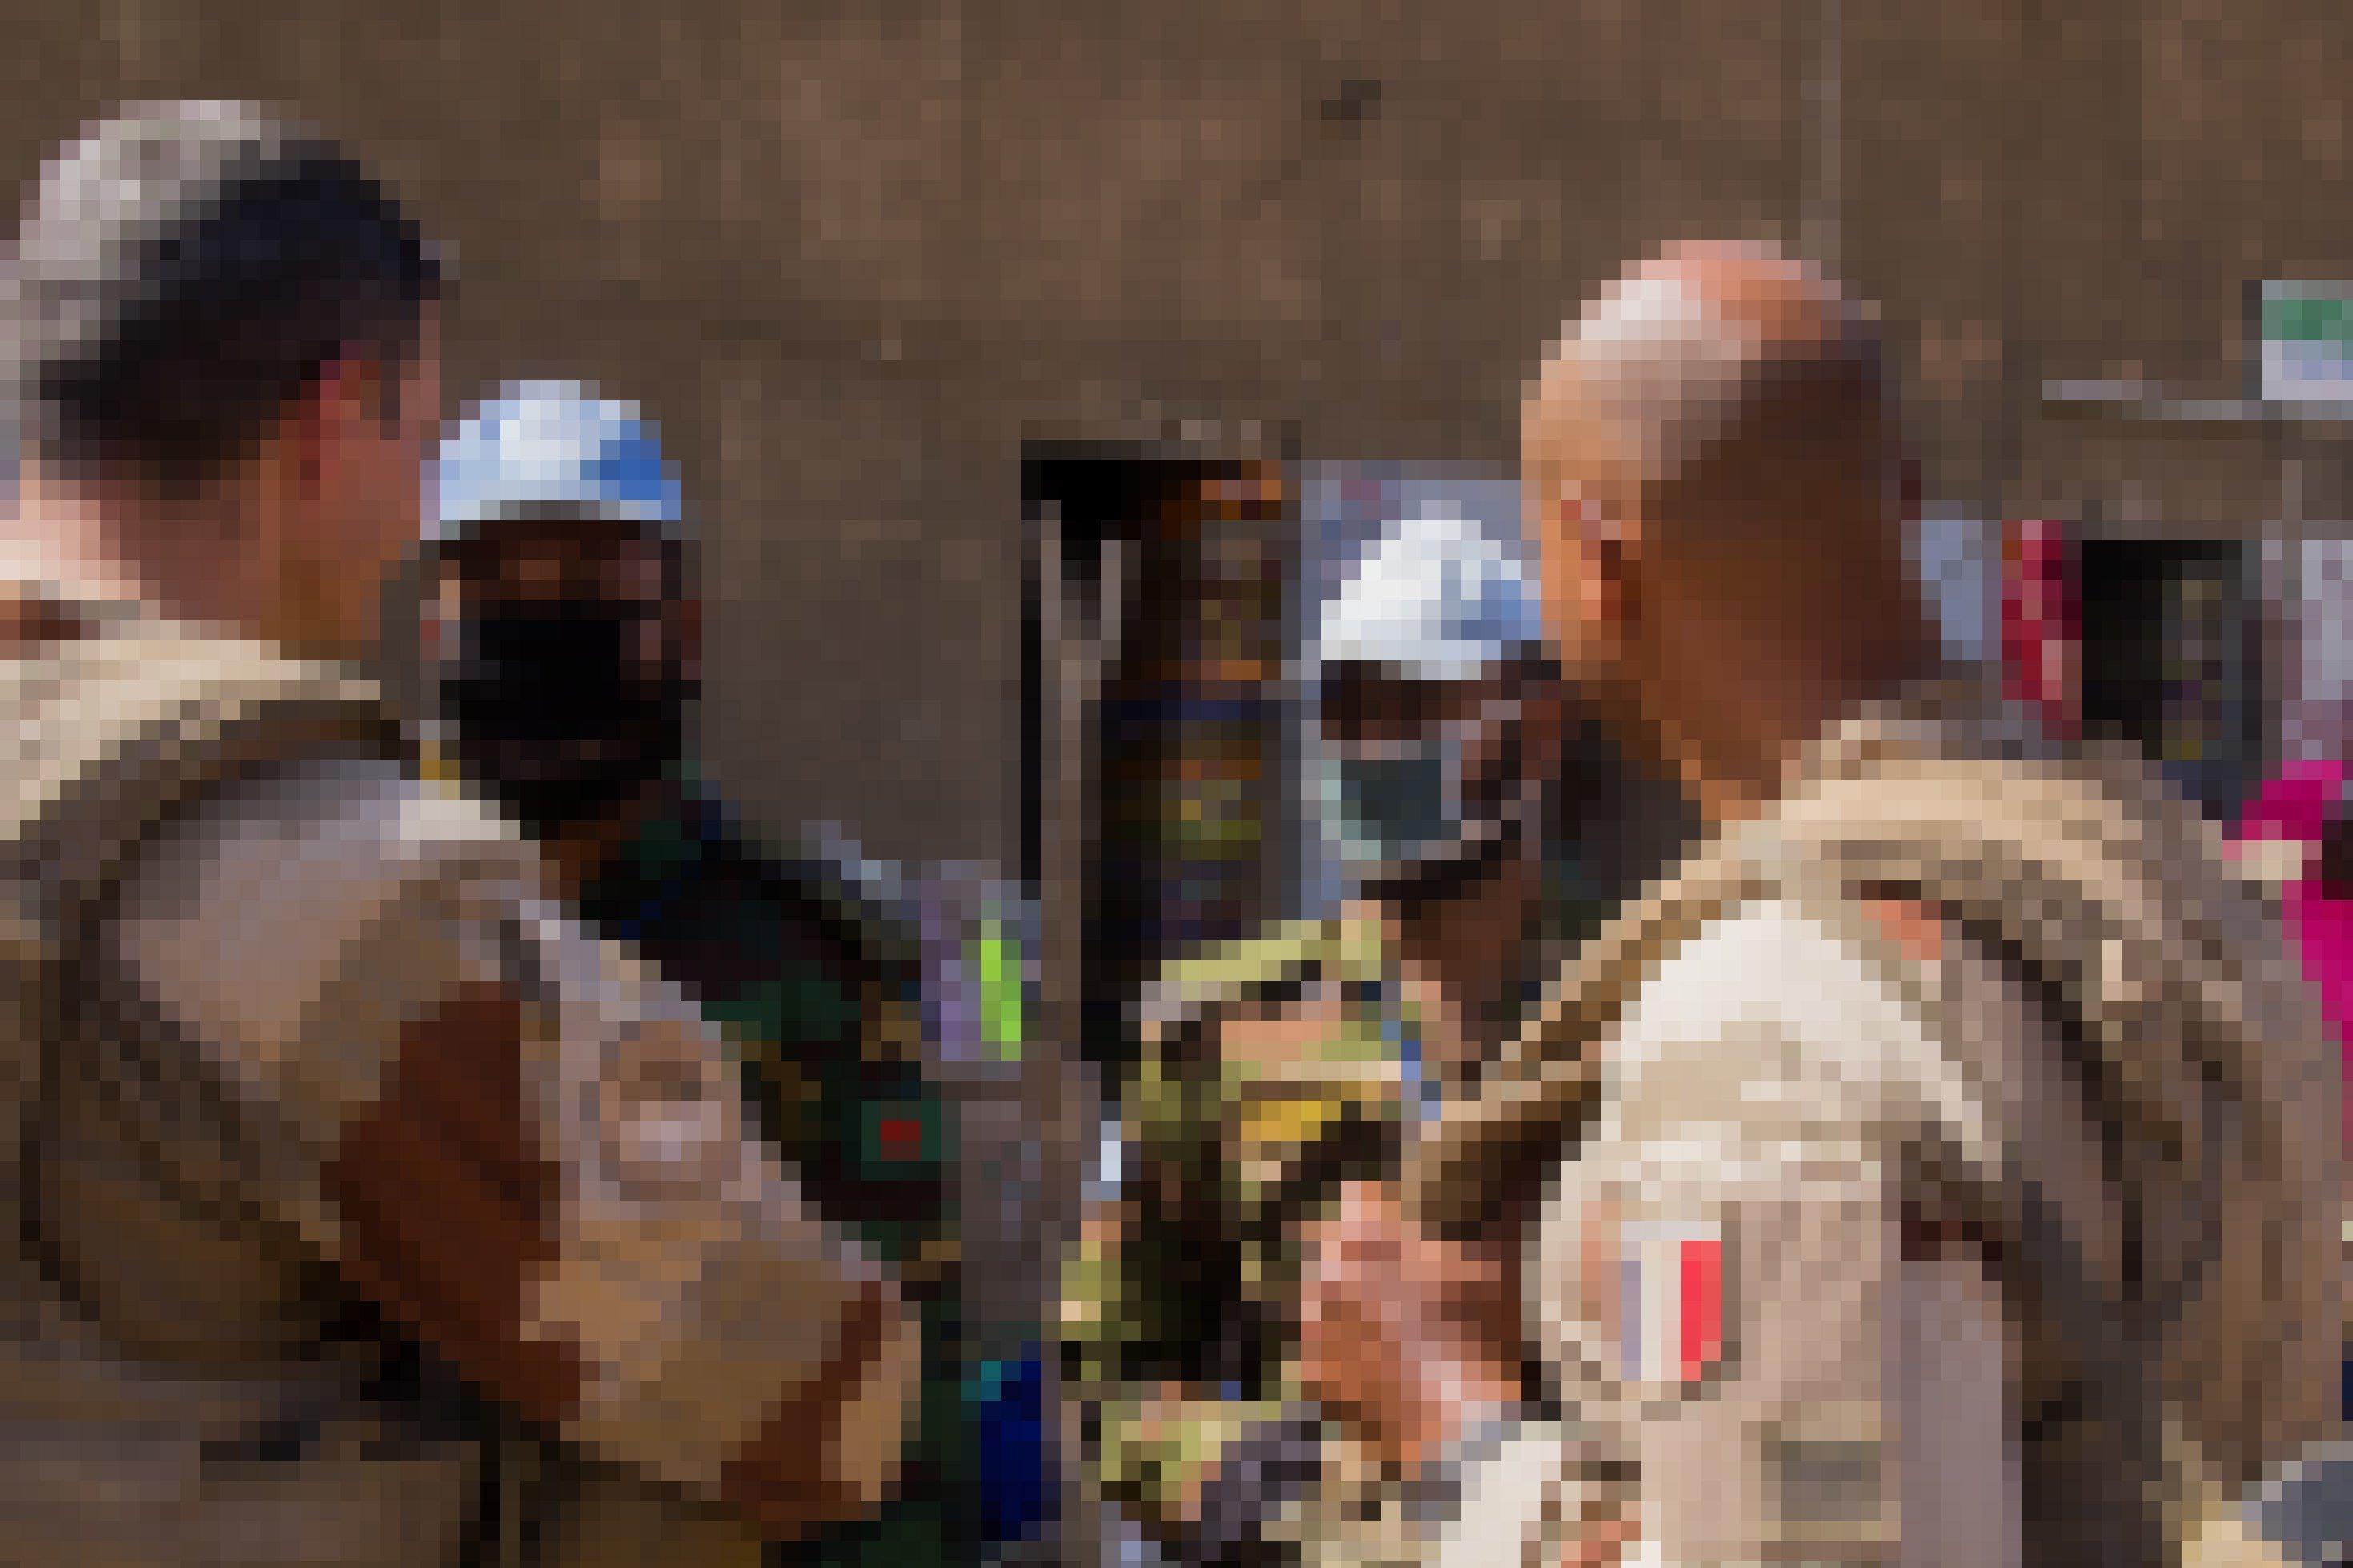 Halb im Anschnitt von hinten sind zwei französische Soldaten zu sehen, von vorne zwei ihrer maleschen Kollegen, mit Gesichtsmasken.